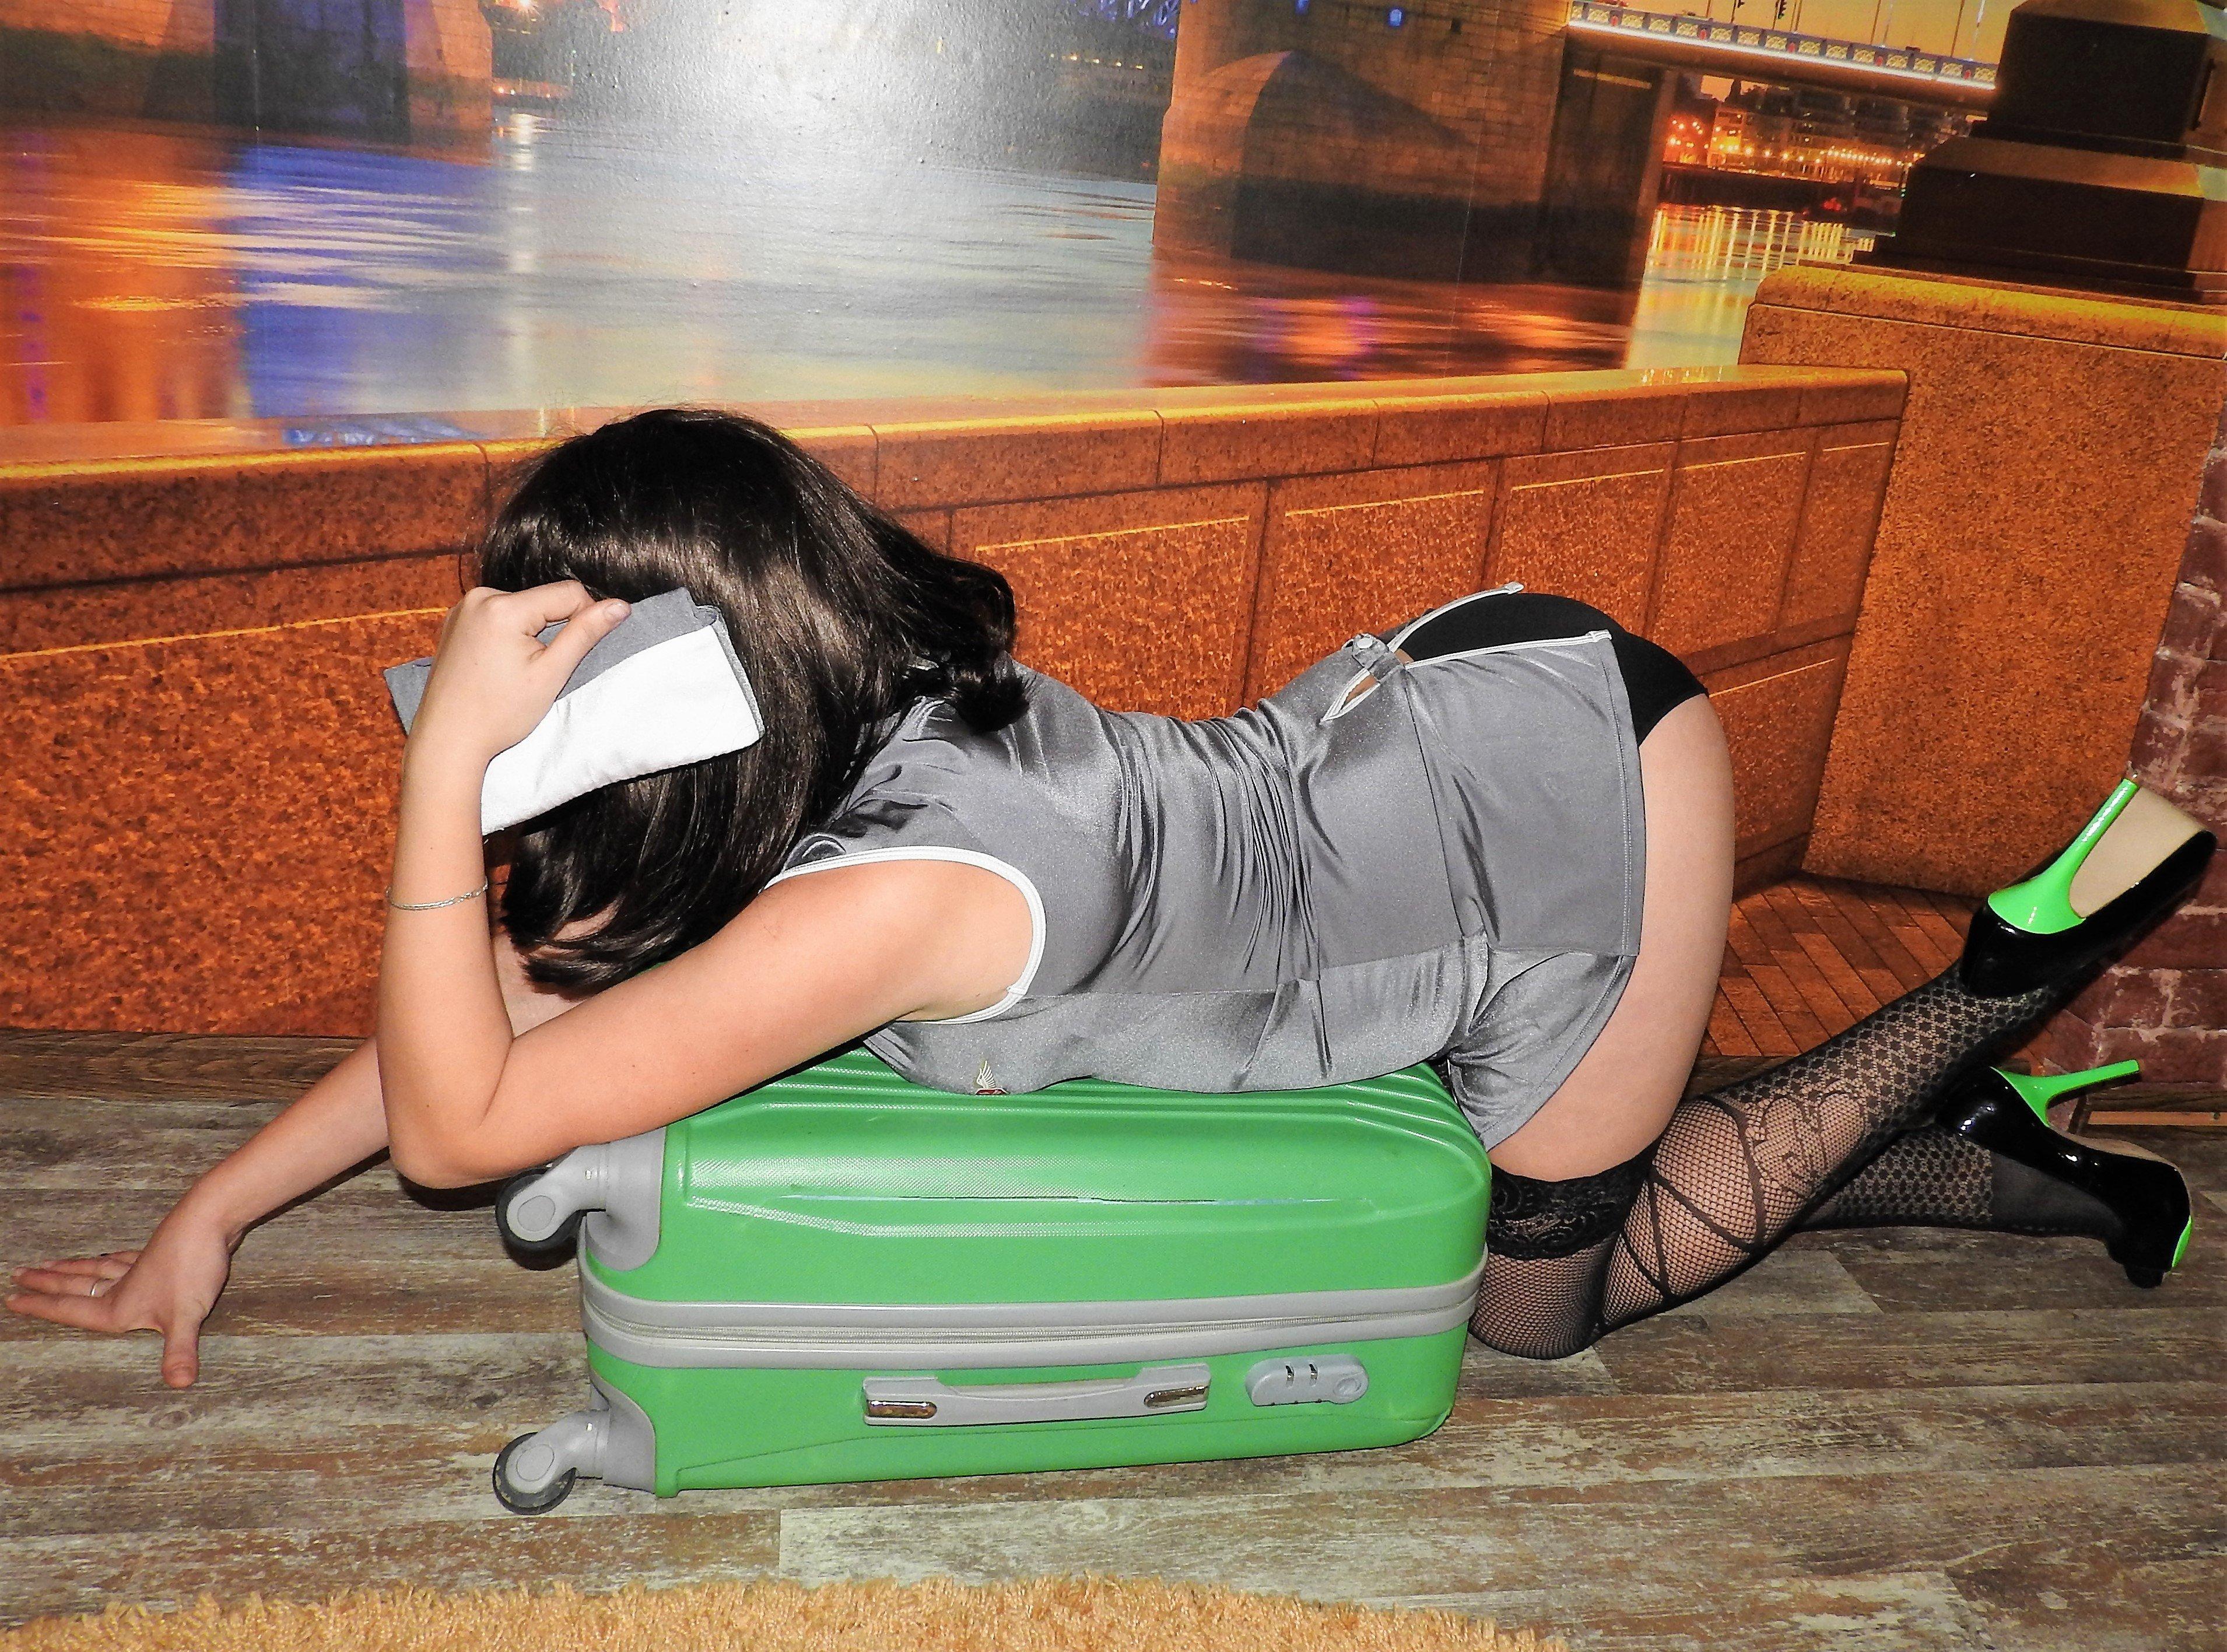 Снять проститутку дешевле проститутки лепель